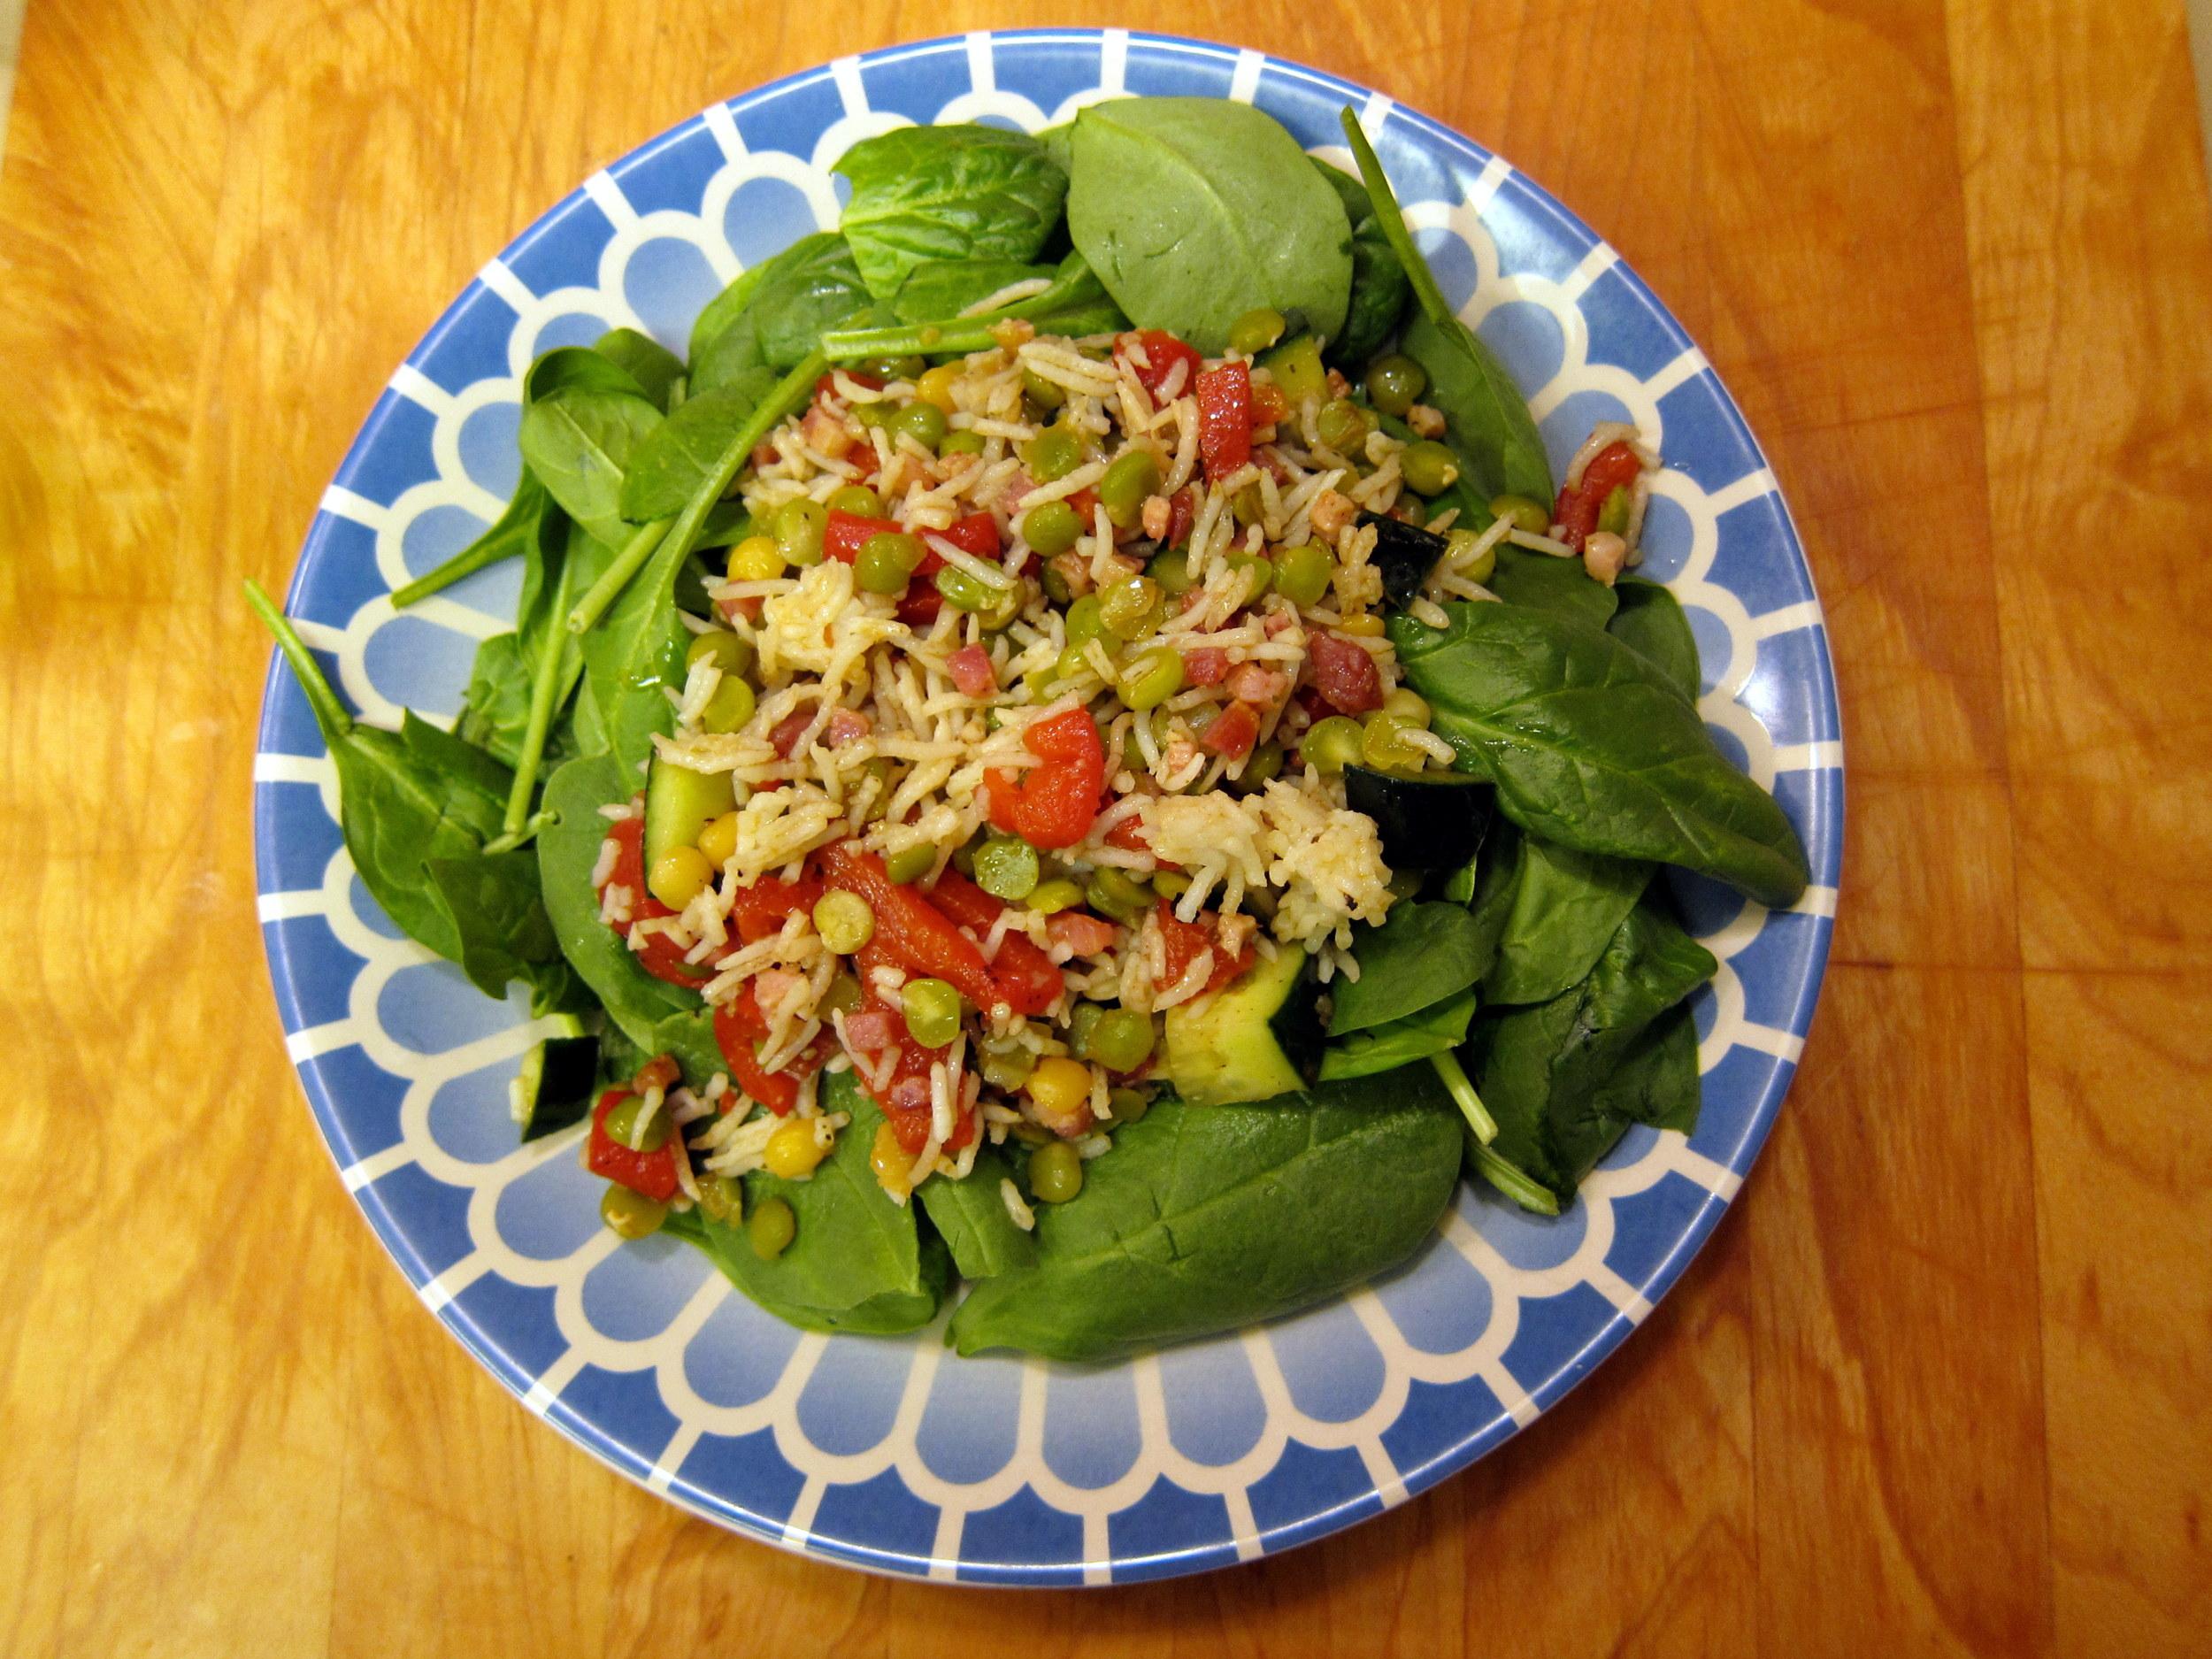 Ensalada de Lentejas y Arroz con Jamon, Pepino, Cebolla Morada y Hierbas: Lentil-Rice Salad with Ham, Cucumber, Red Onion and Herb